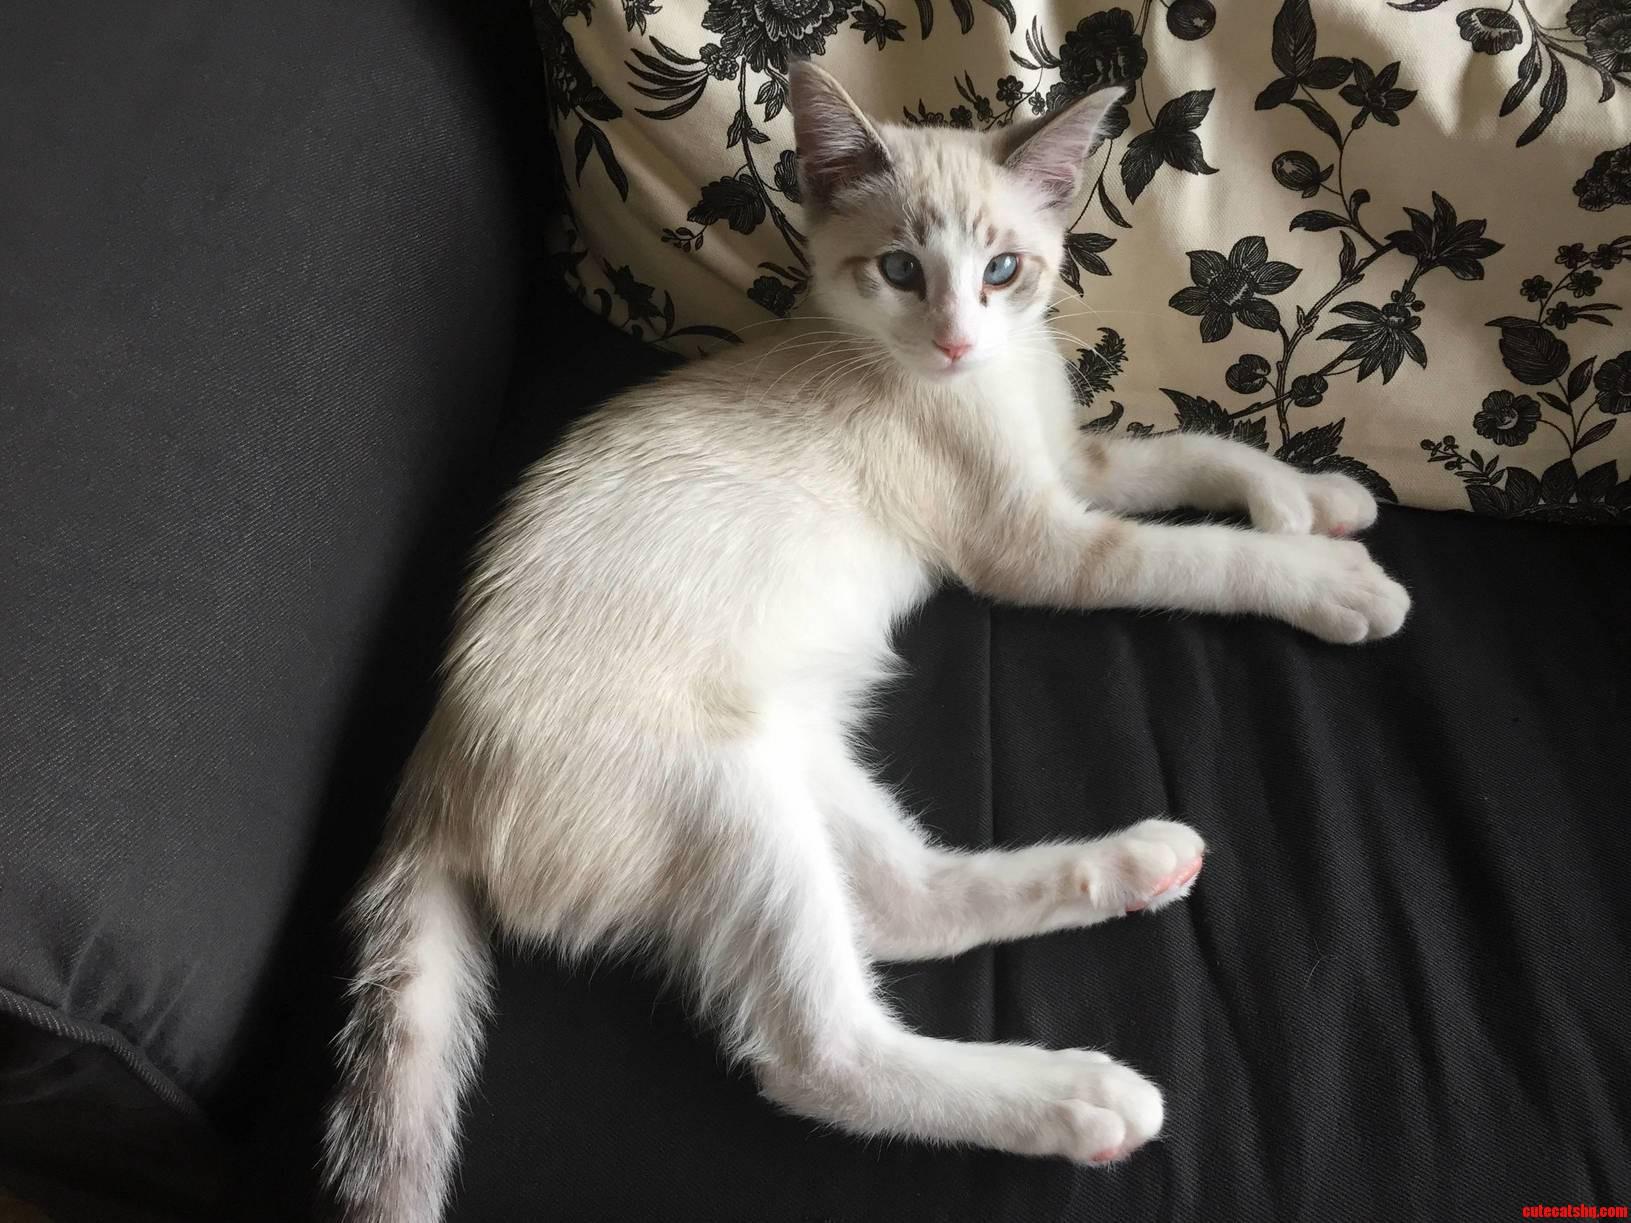 My polydactyl kitten casper is a little crosseyed